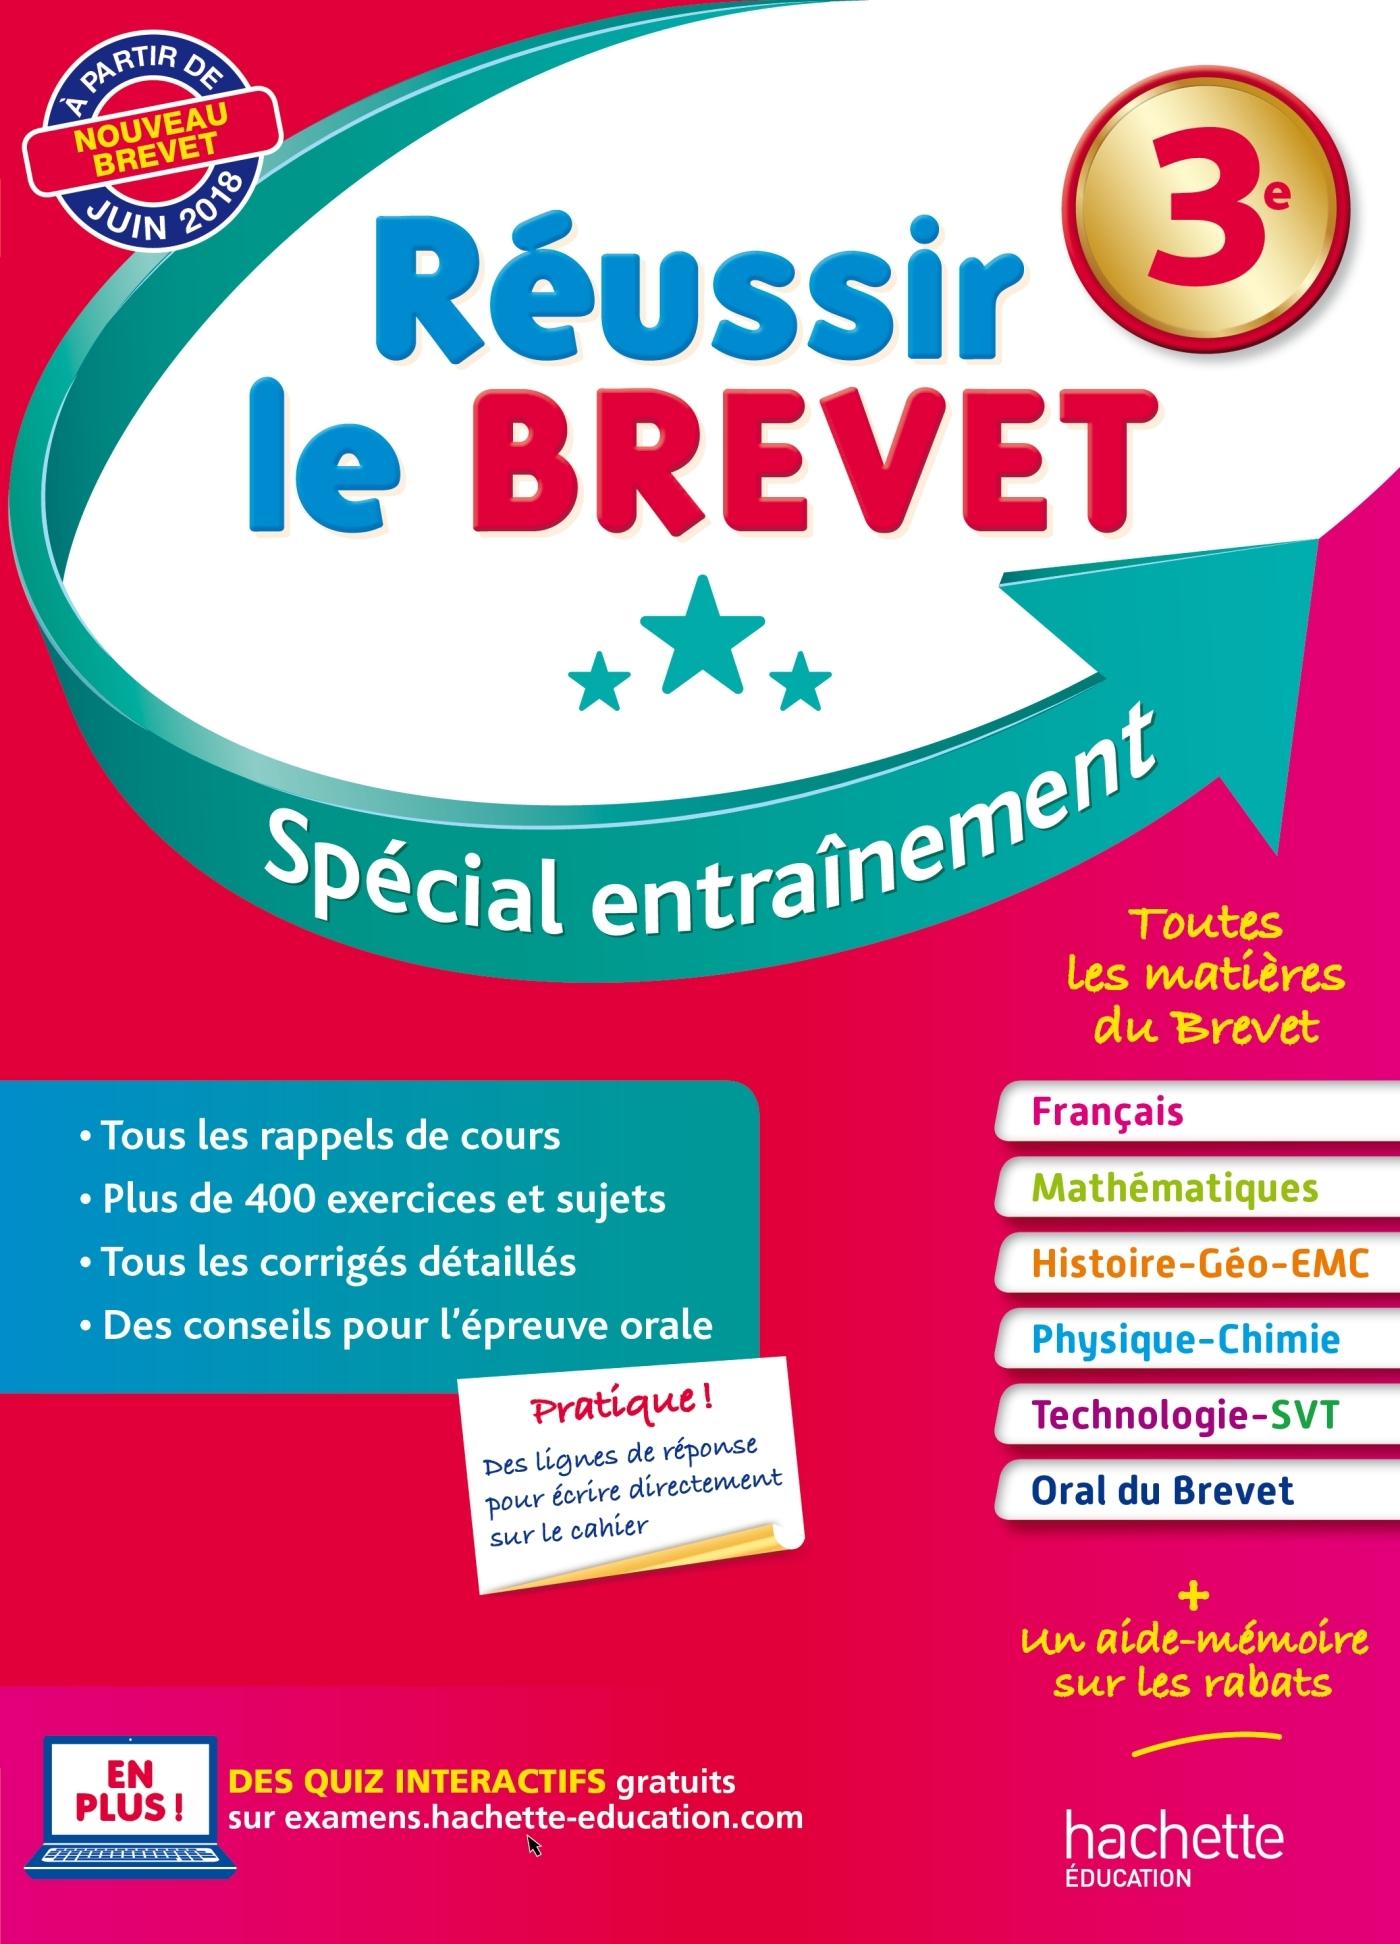 REUSSIR LE BREVET SPECIAL ENTRAINEMENT